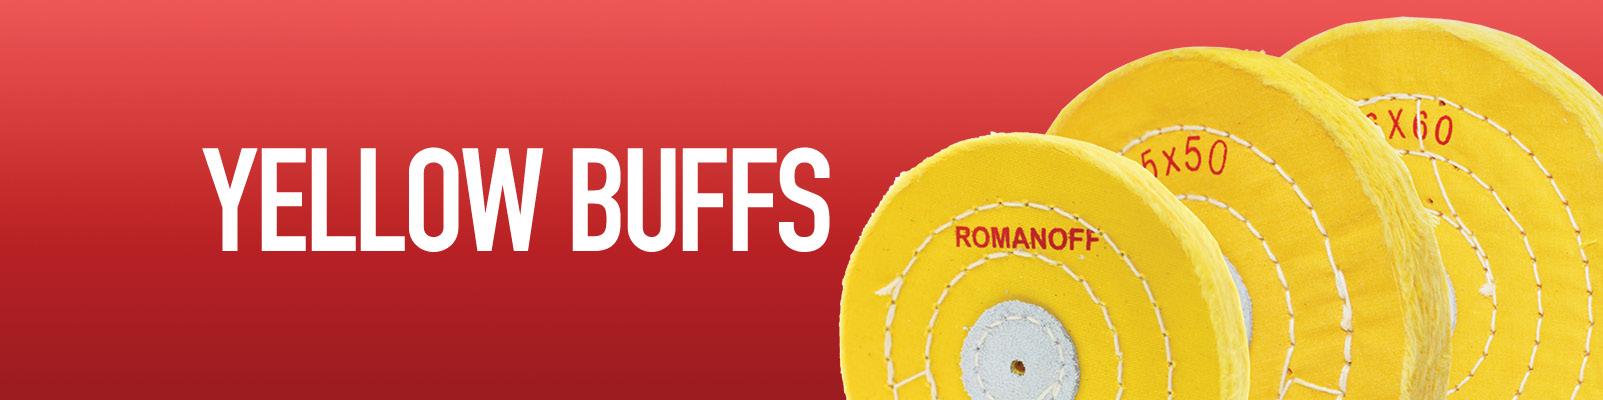 Yellow Buffs